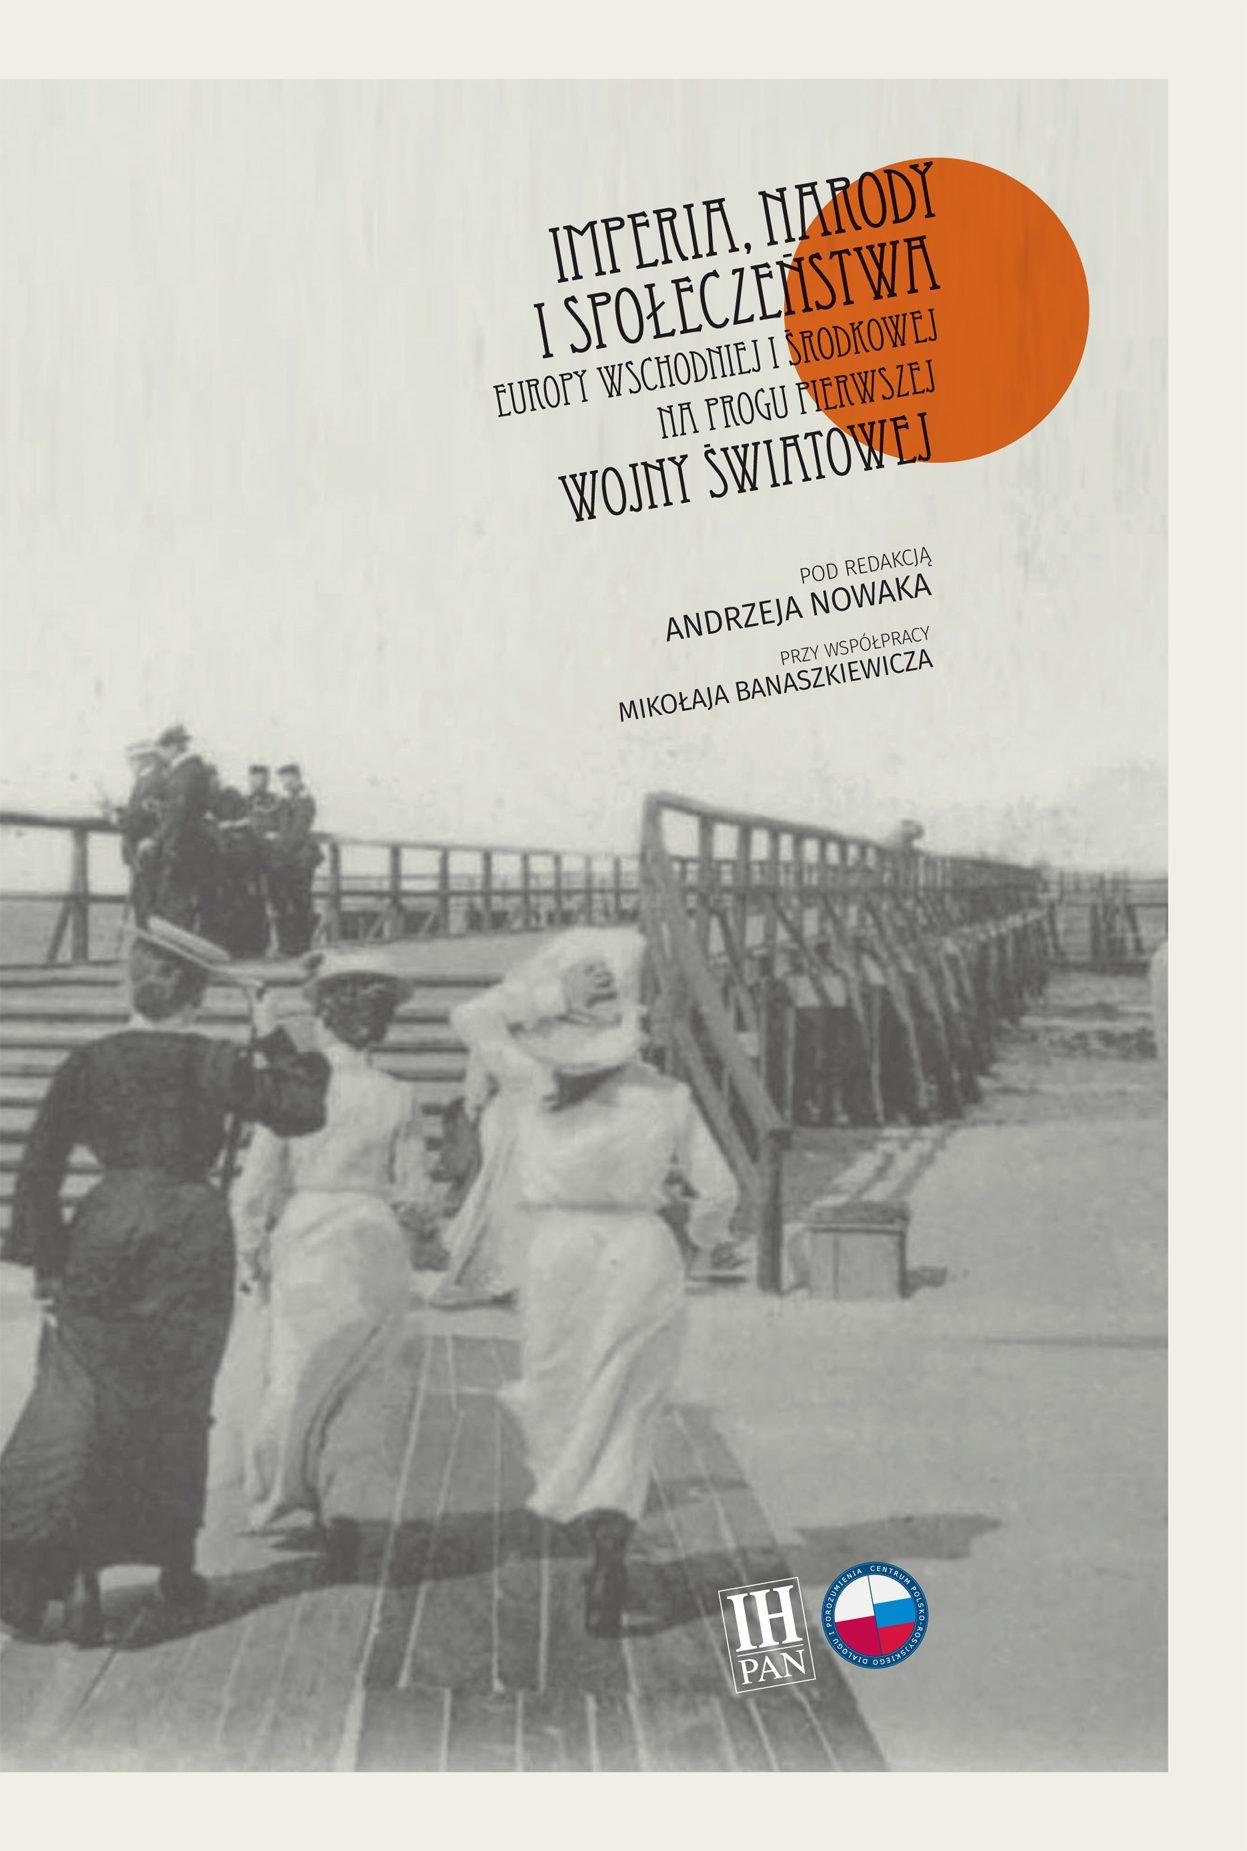 Imperia, narody i społeczeństwa Europy Wschodniej i Środkowej na progu pierwszej wojny światowej - Ebook (Książka EPUB) do pobrania w formacie EPUB